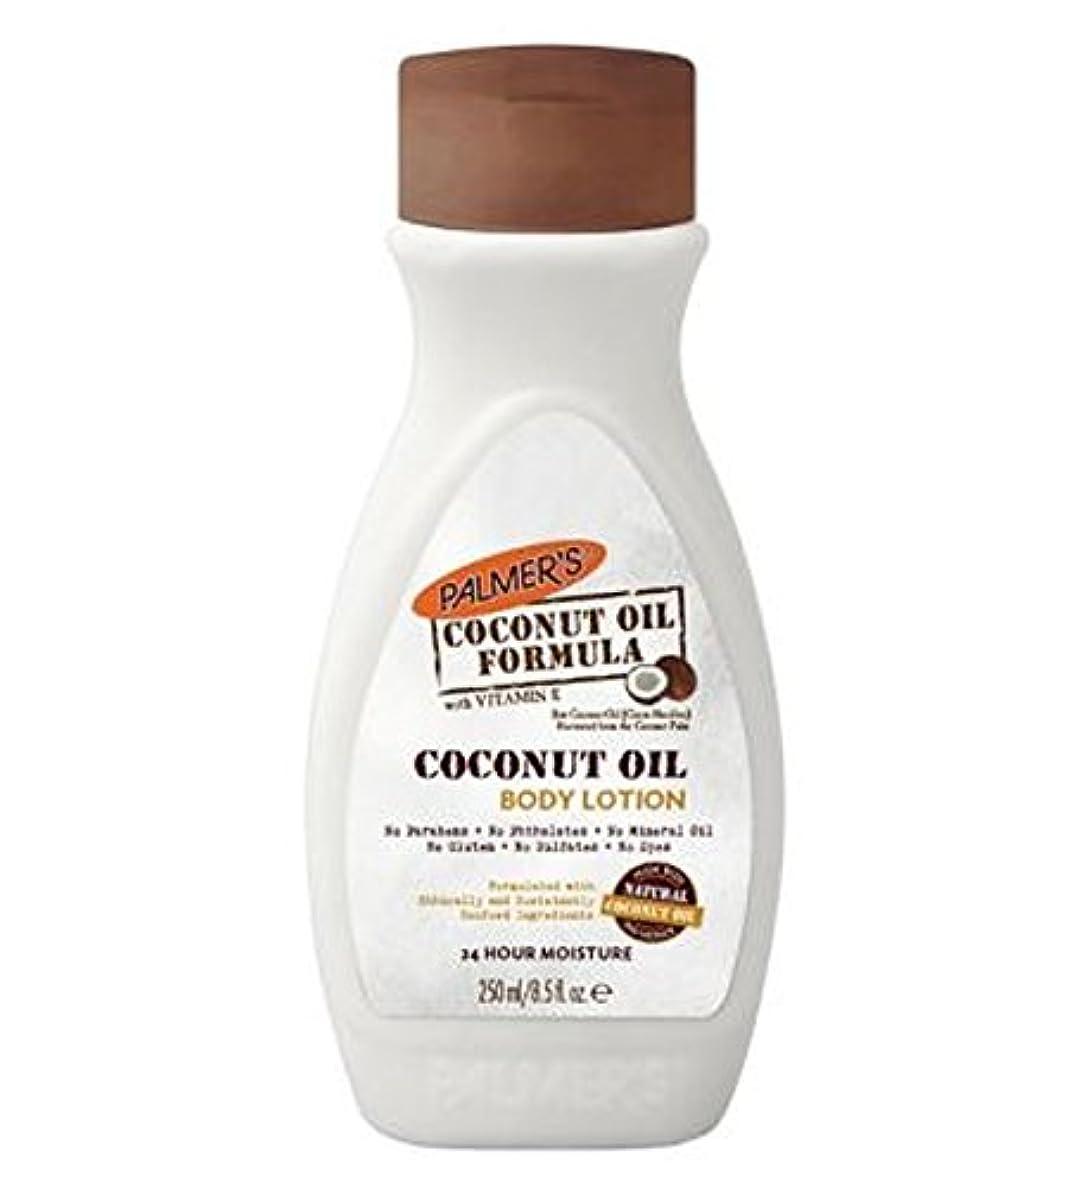 バーターベアリングサークル反対Palmer's Coconut Oil Formula Body Lotion 250ml - パーマーのココナッツオイル式ボディローション250ミリリットル (Palmer's) [並行輸入品]